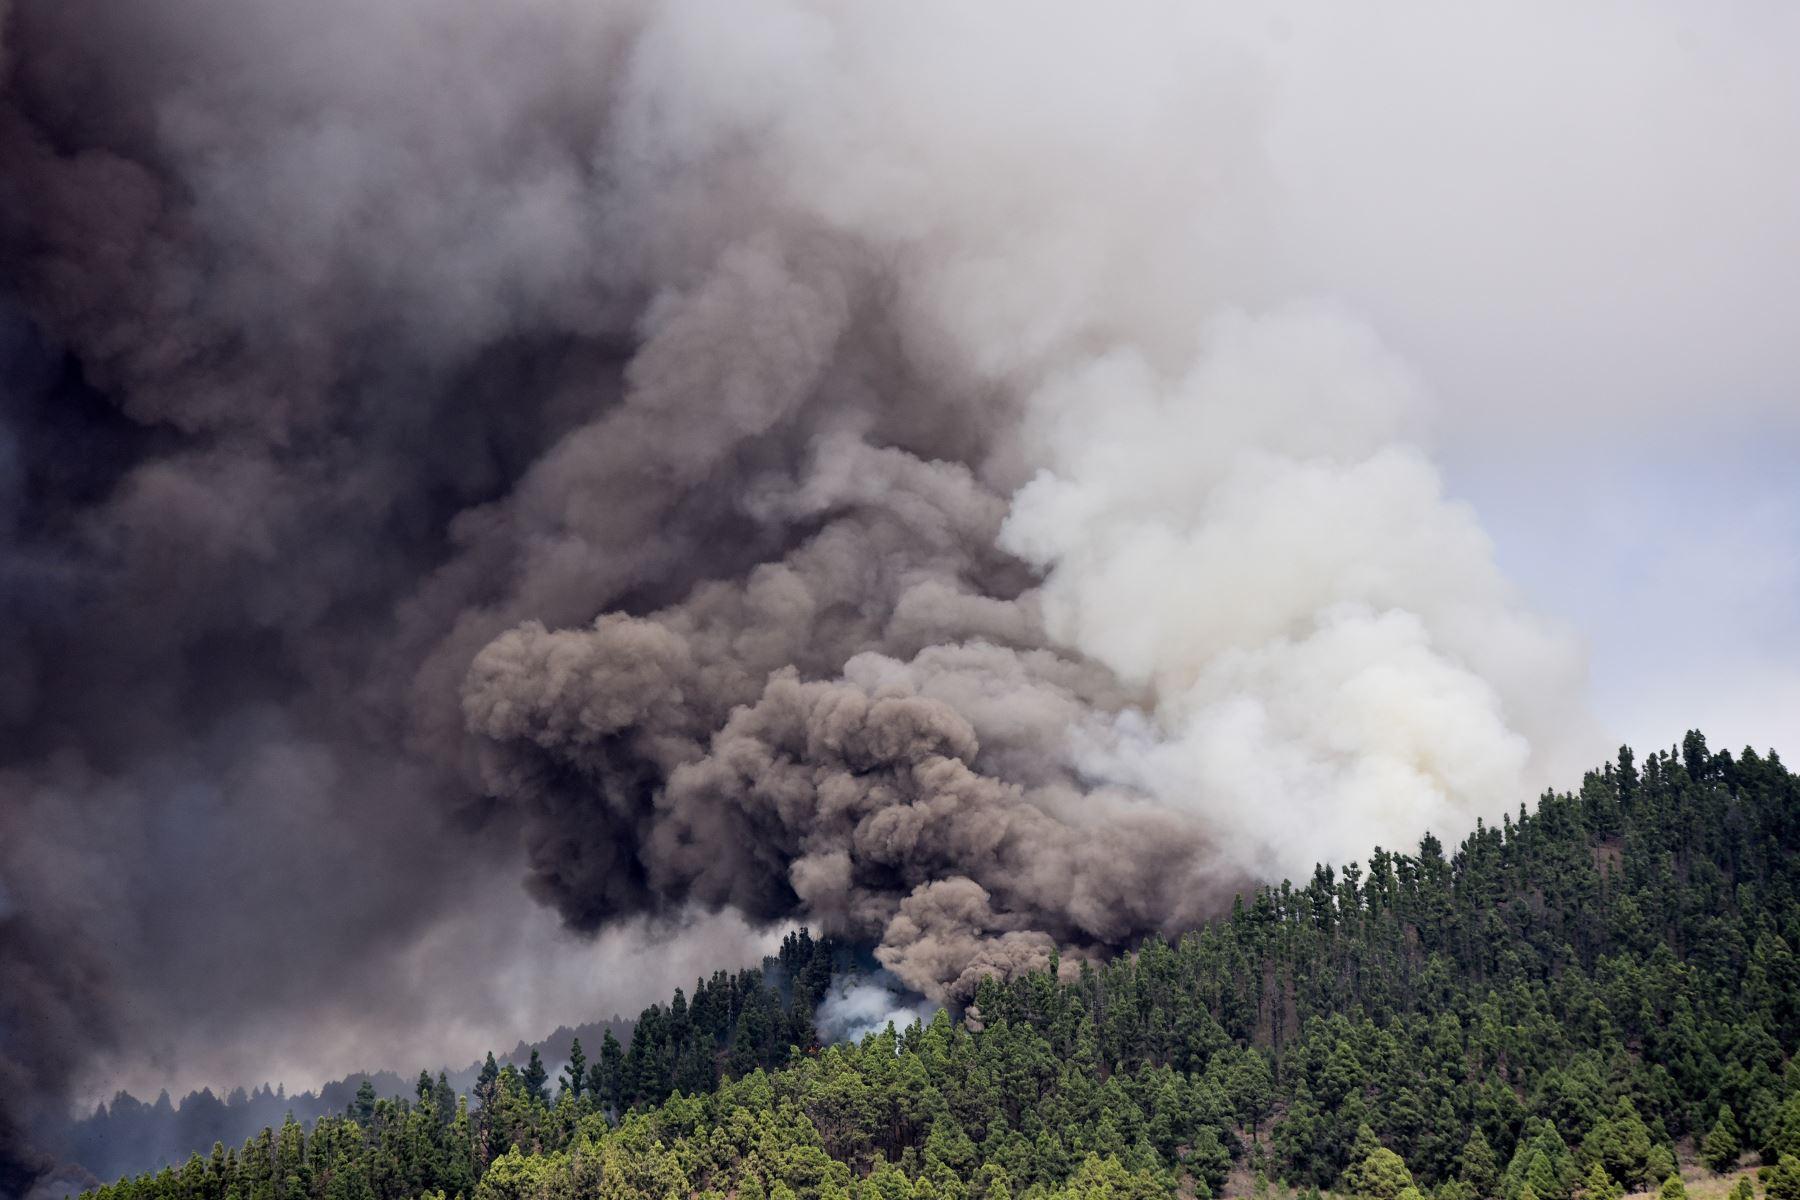 El monte Cumbre Vieja entra en erupción arrojando una columna de humo, ceniza y lava como se ve desde Los Llanos de Aridane en la isla canaria de La Palma, España. Foto: EFE